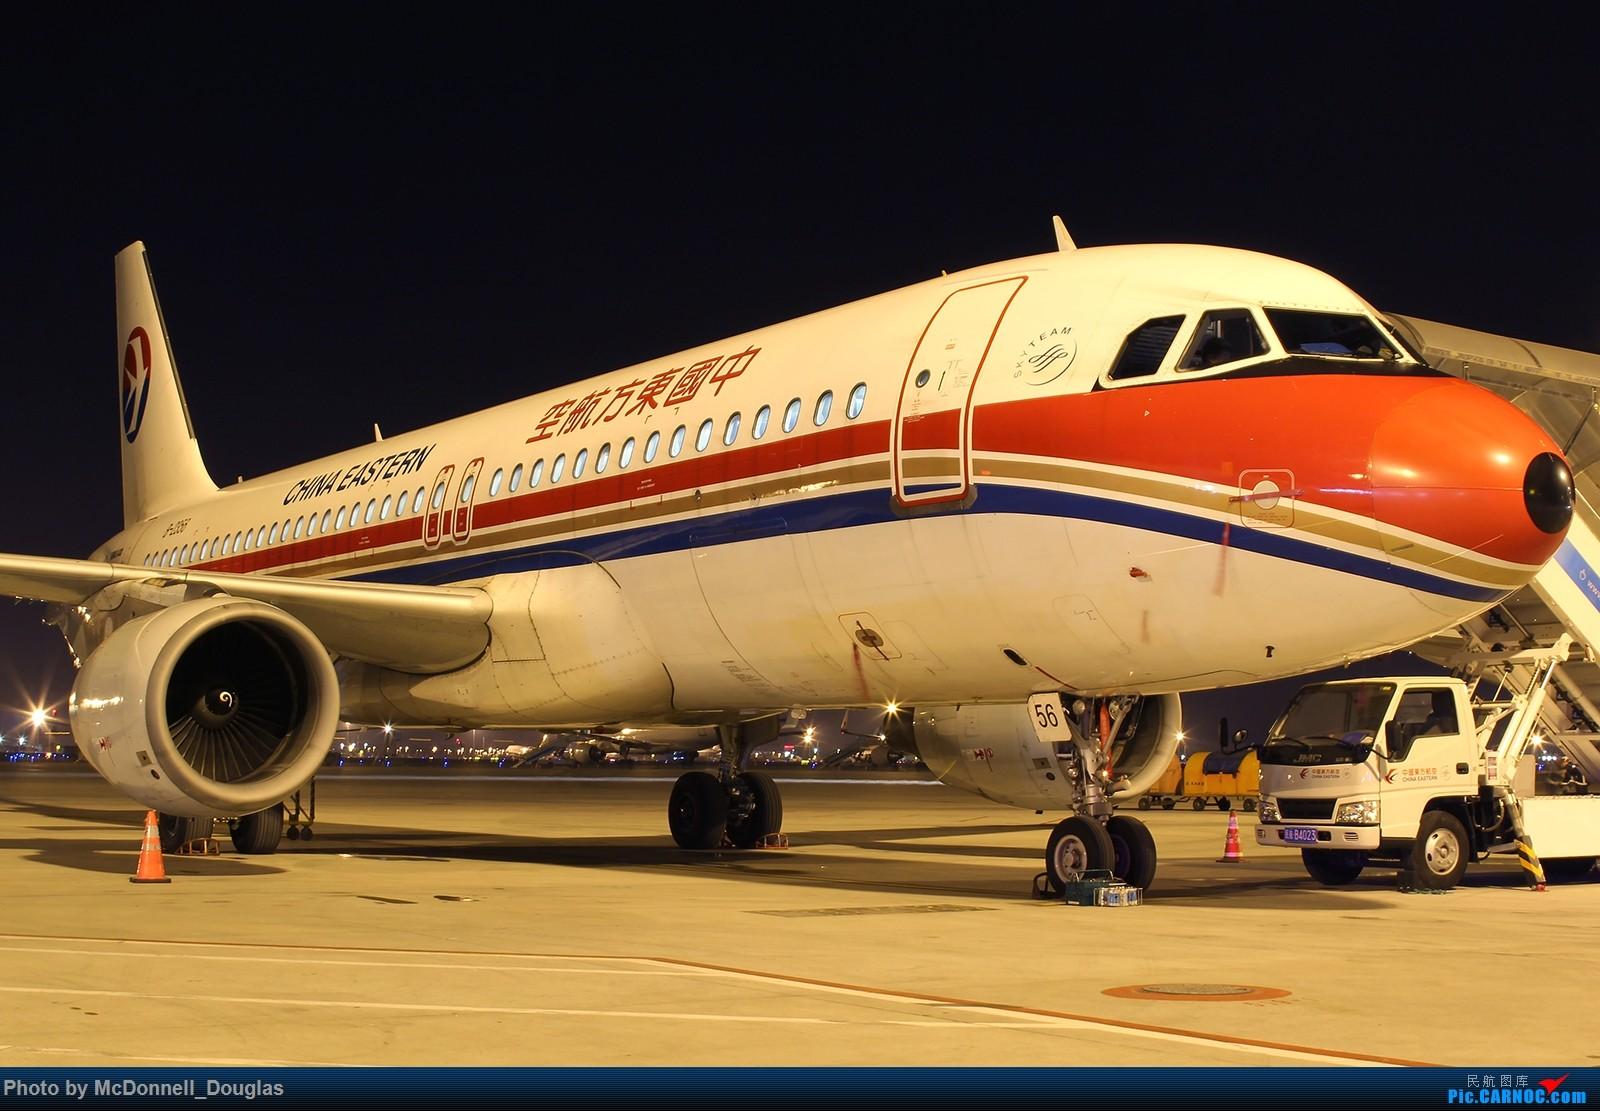 【上海飞友会】丢一张热乎乎的夜景2356 AIRBUS A320-214 B-2356 中国上海浦东国际机场